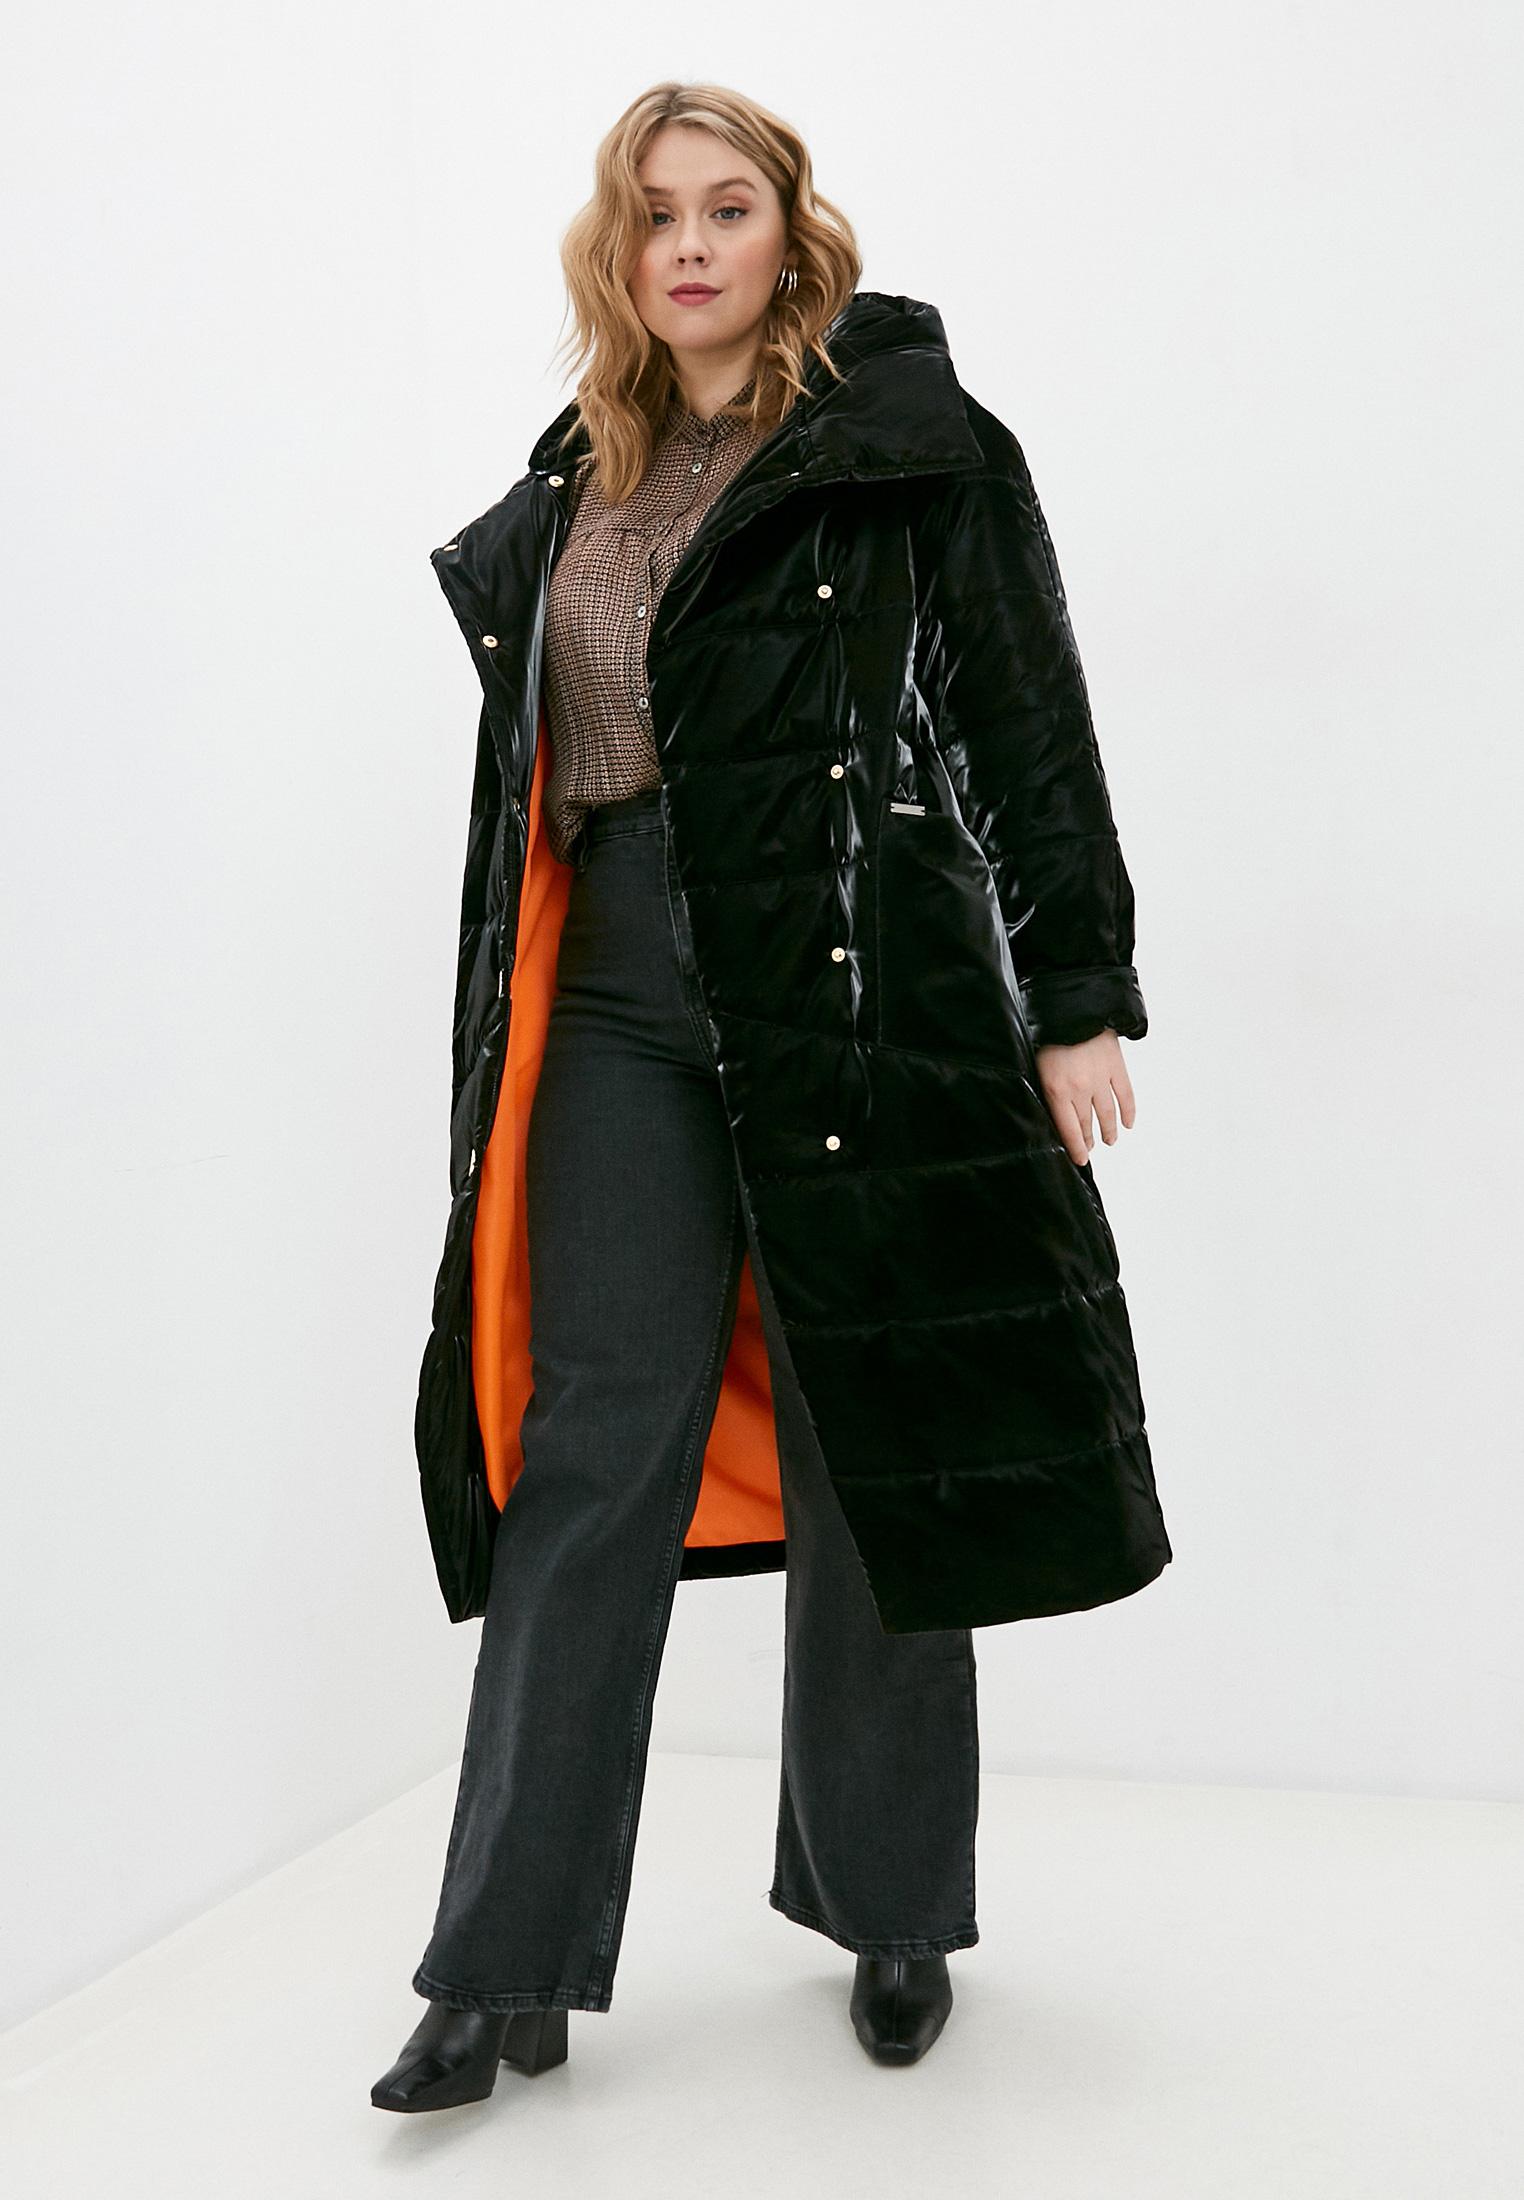 Утепленная куртка Nataliy Beate Пальто мод 311: изображение 2